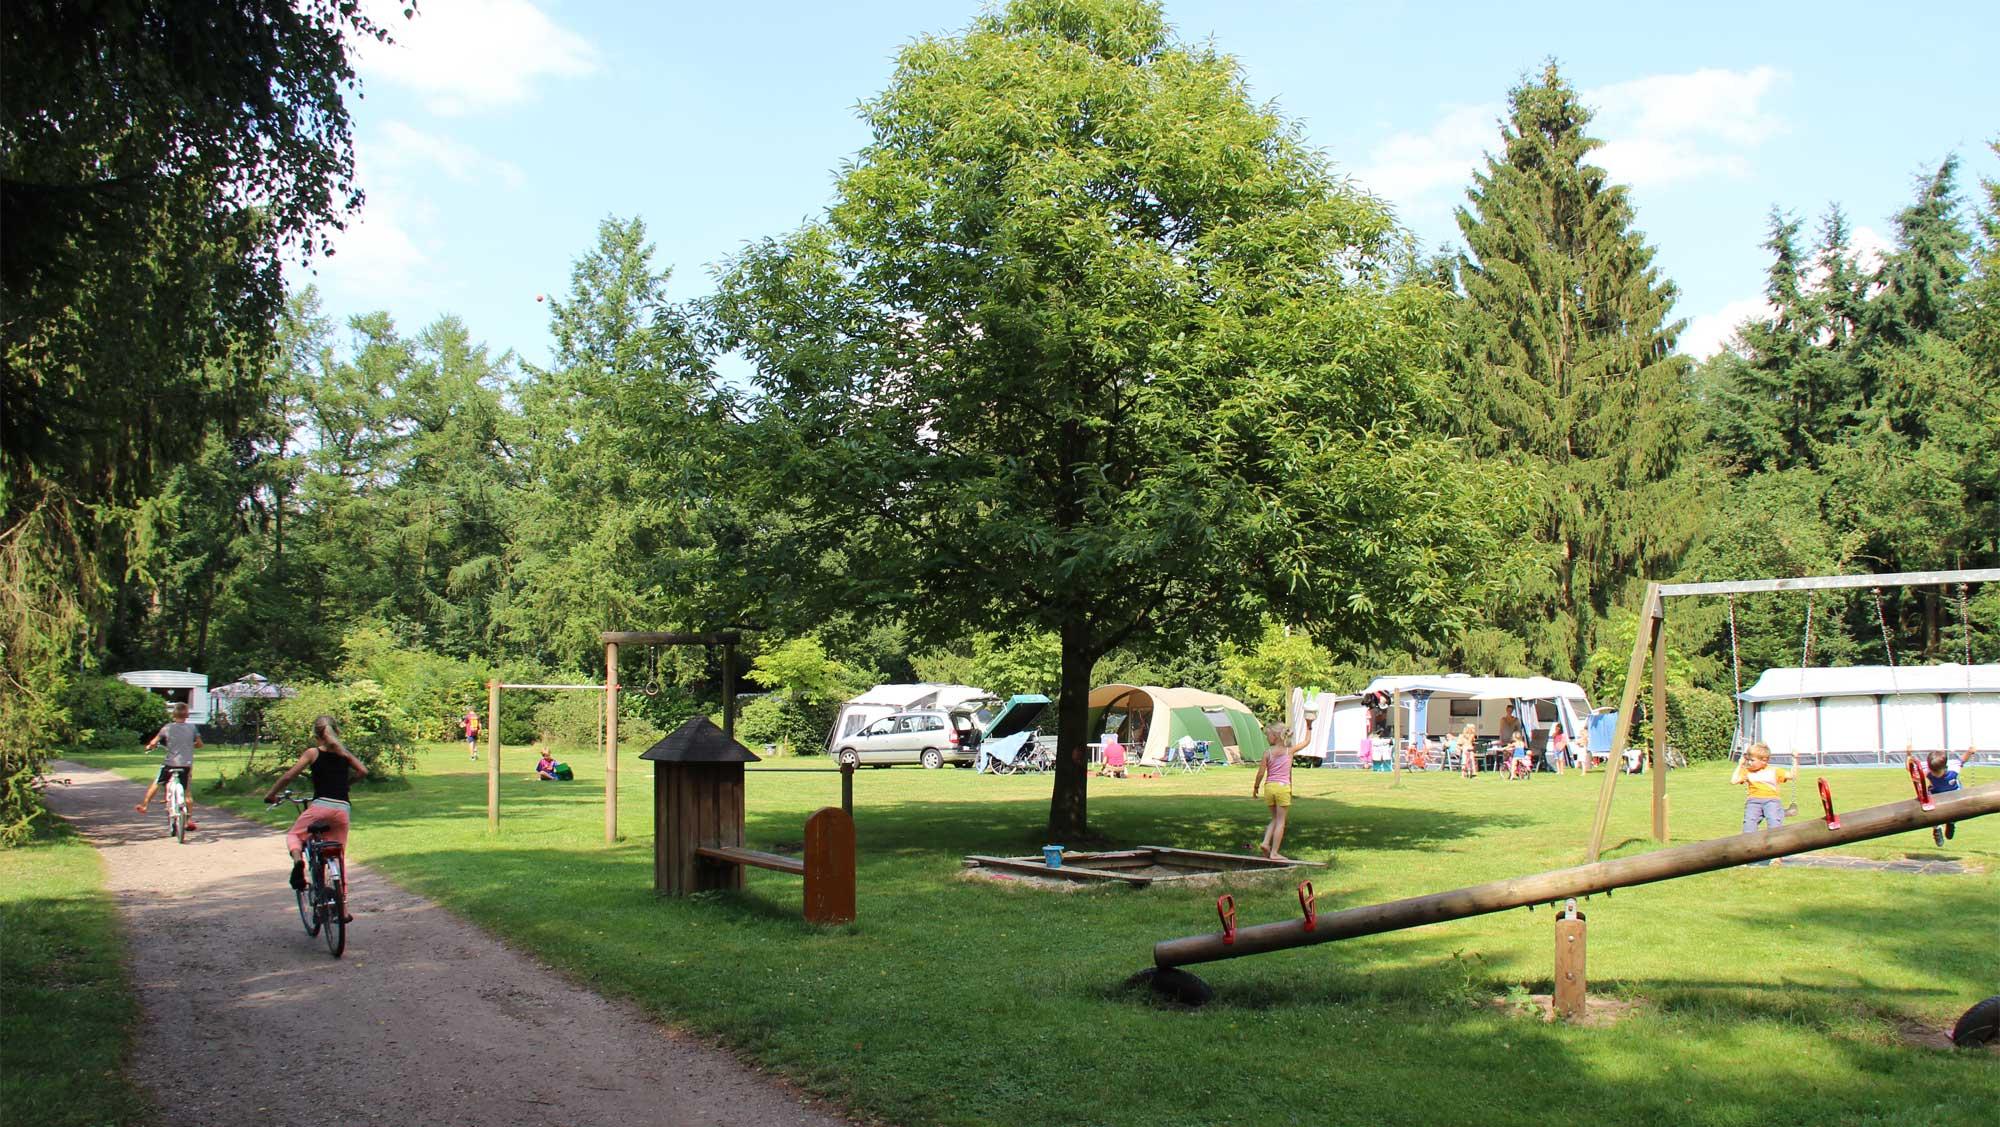 Basisplaats kamperen Molecaten Park Landgoed Molecaten 01